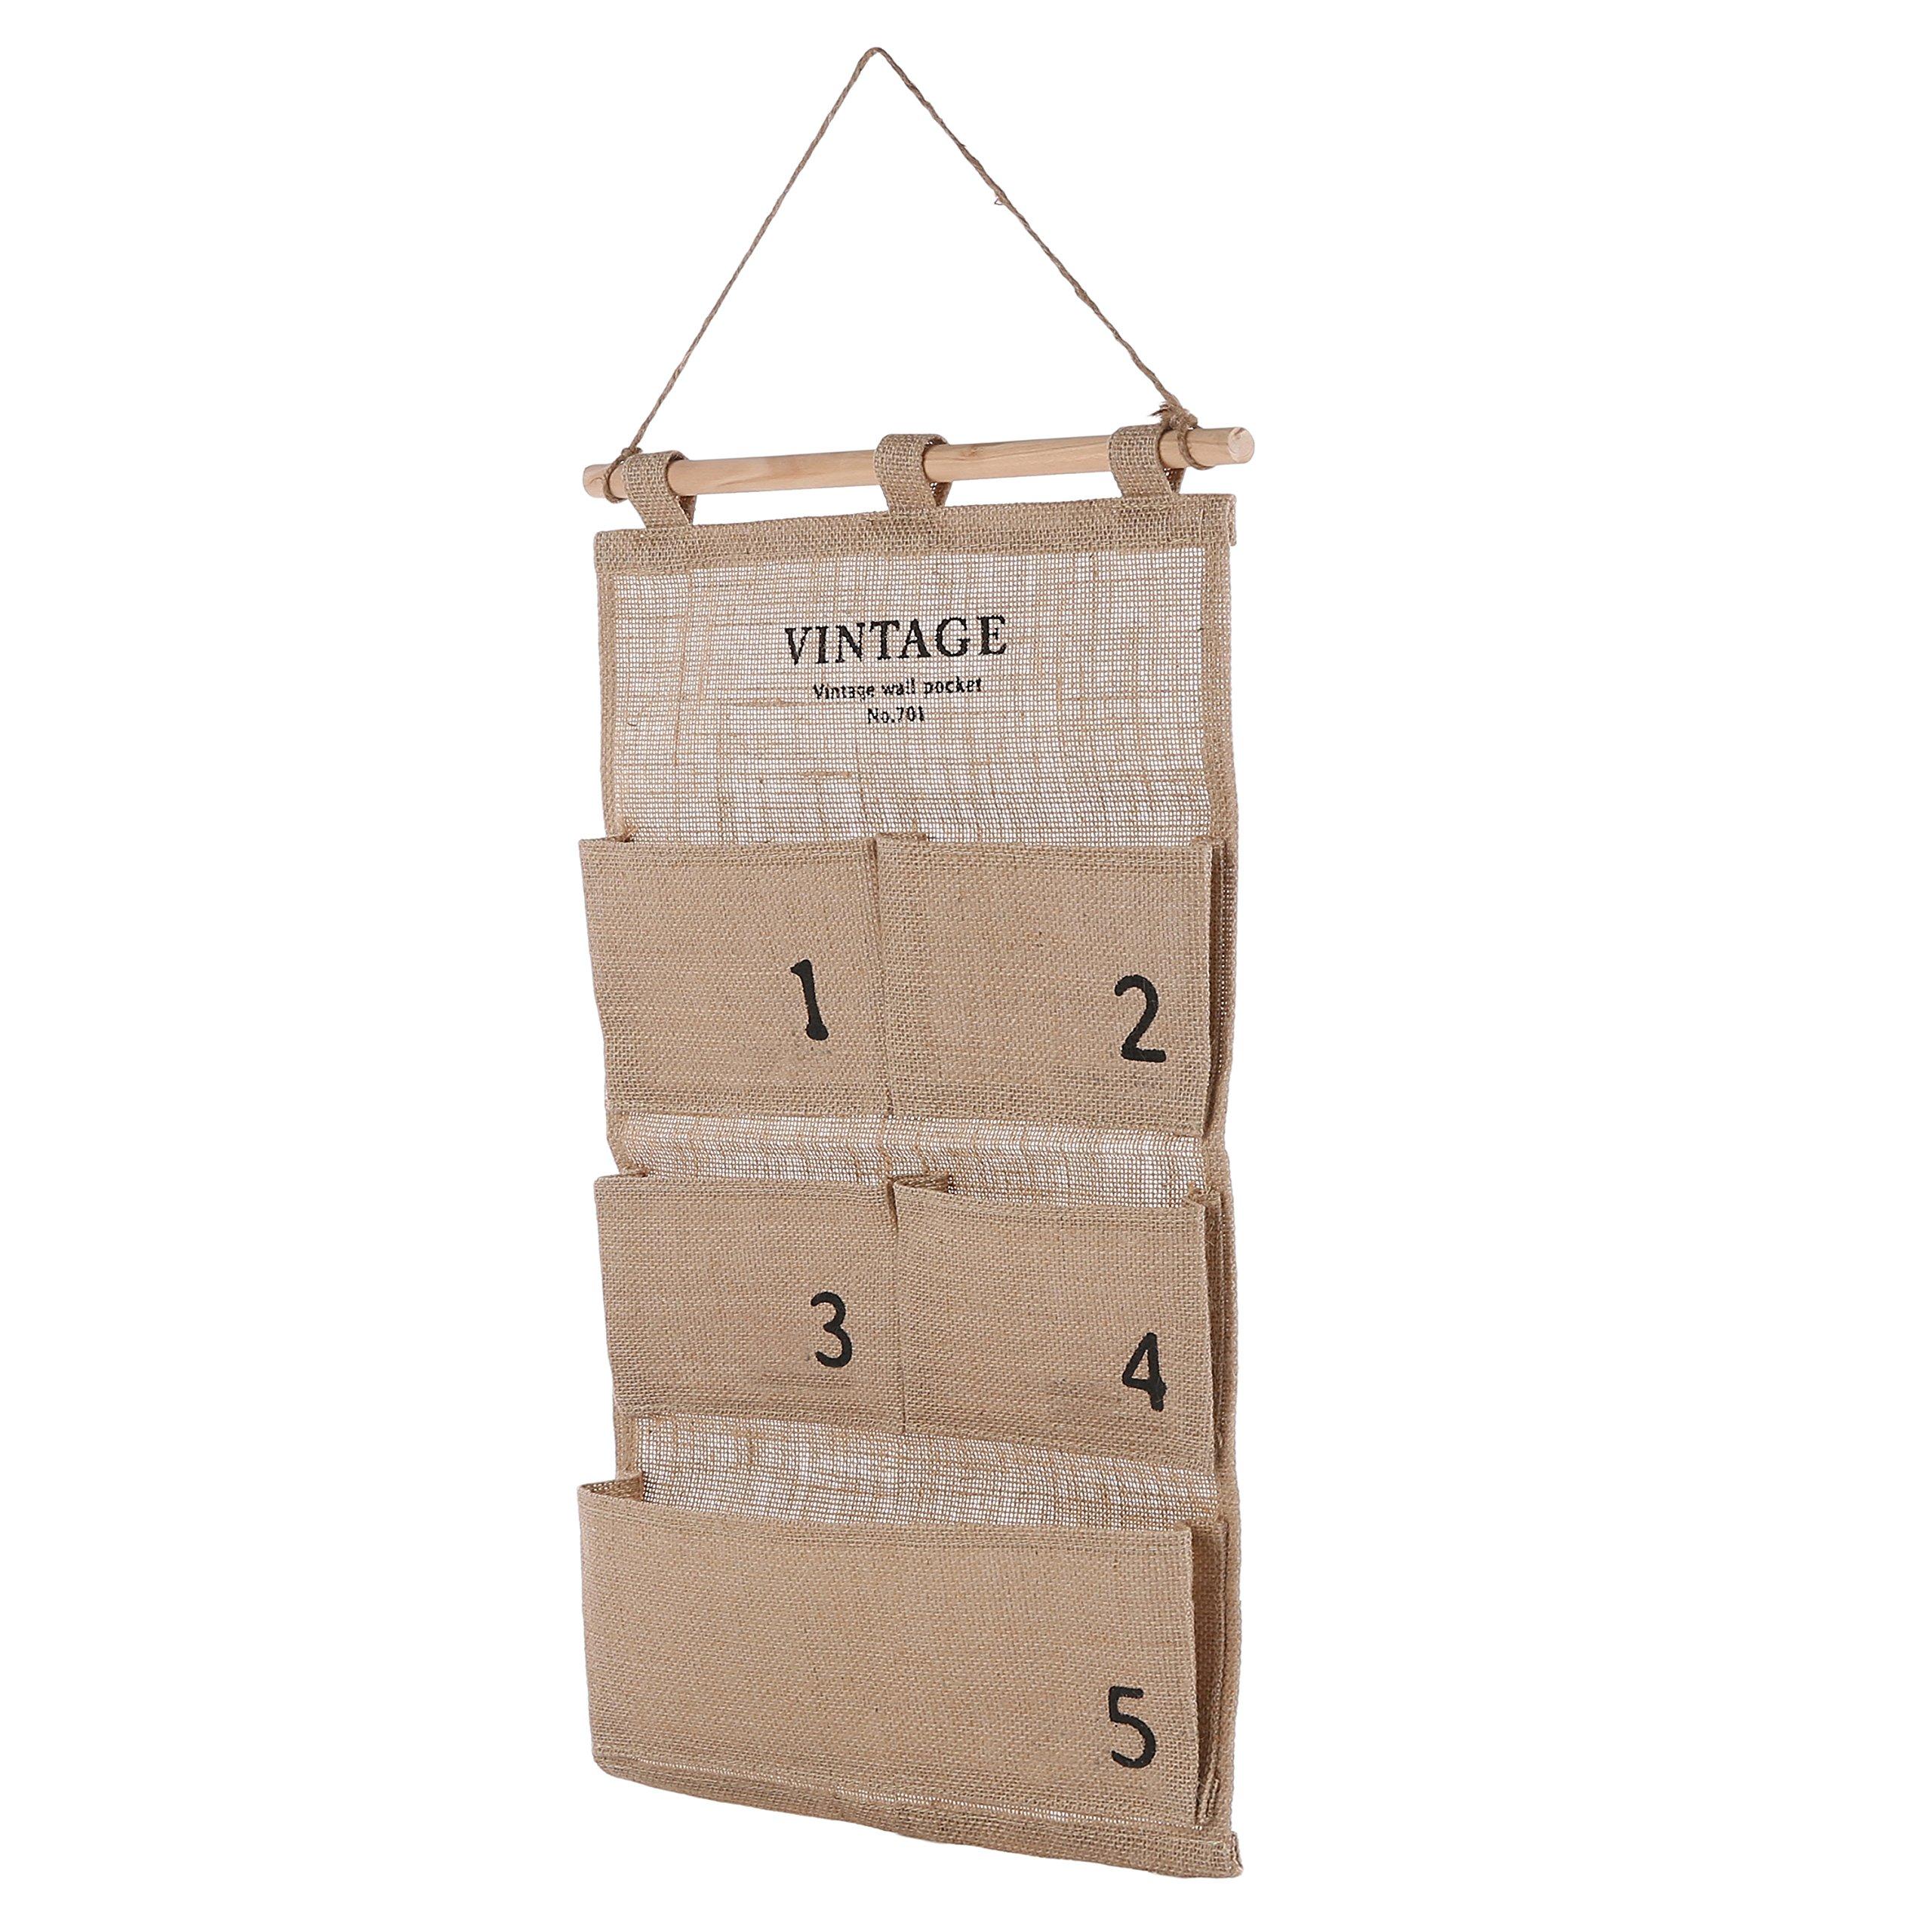 Decorative Canvas Wall Hanging Organizer / 5 Pocket Craft Supplies Nursery Storage Bag, Beige